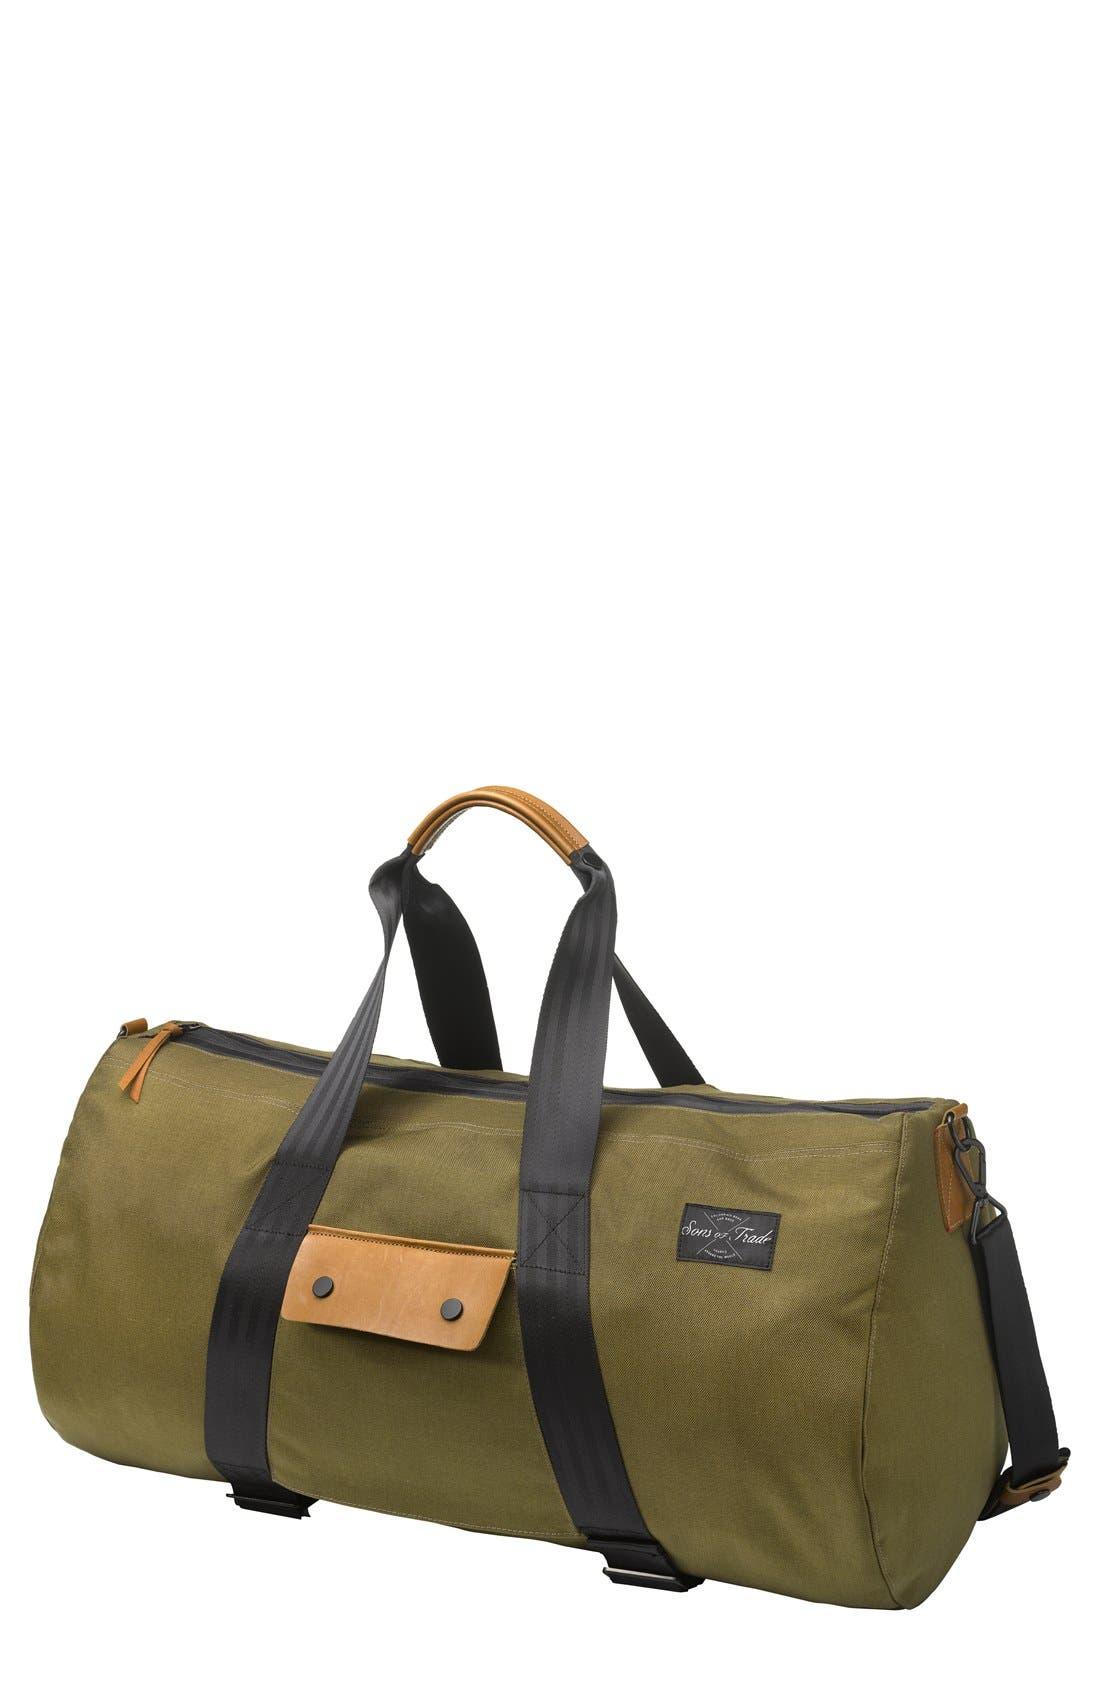 'Atlas' Duffel Bag,                             Main thumbnail 1, color,                             Moss